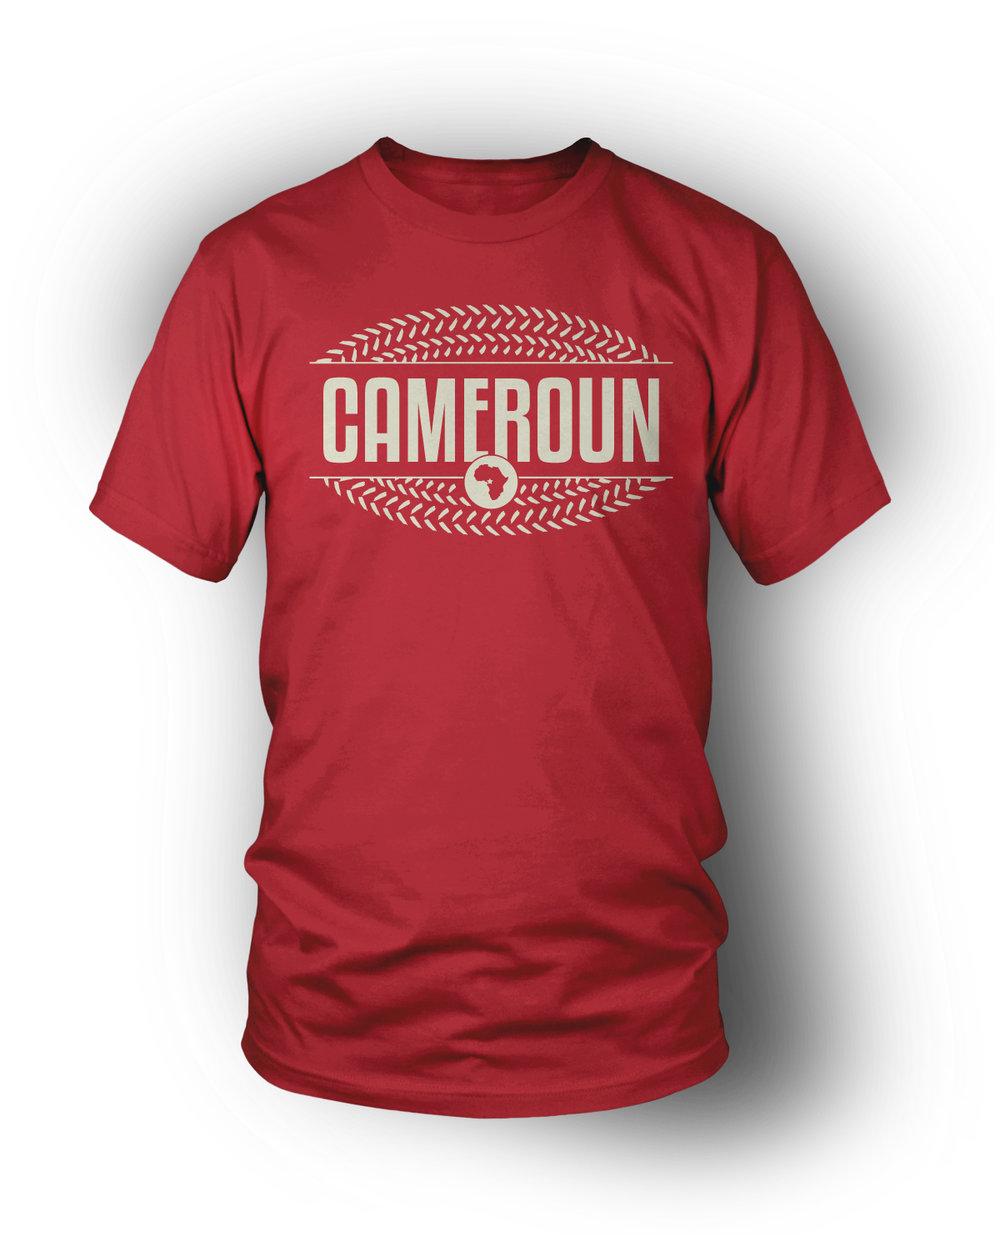 cameroon-shirt-v5-mockup.jpg